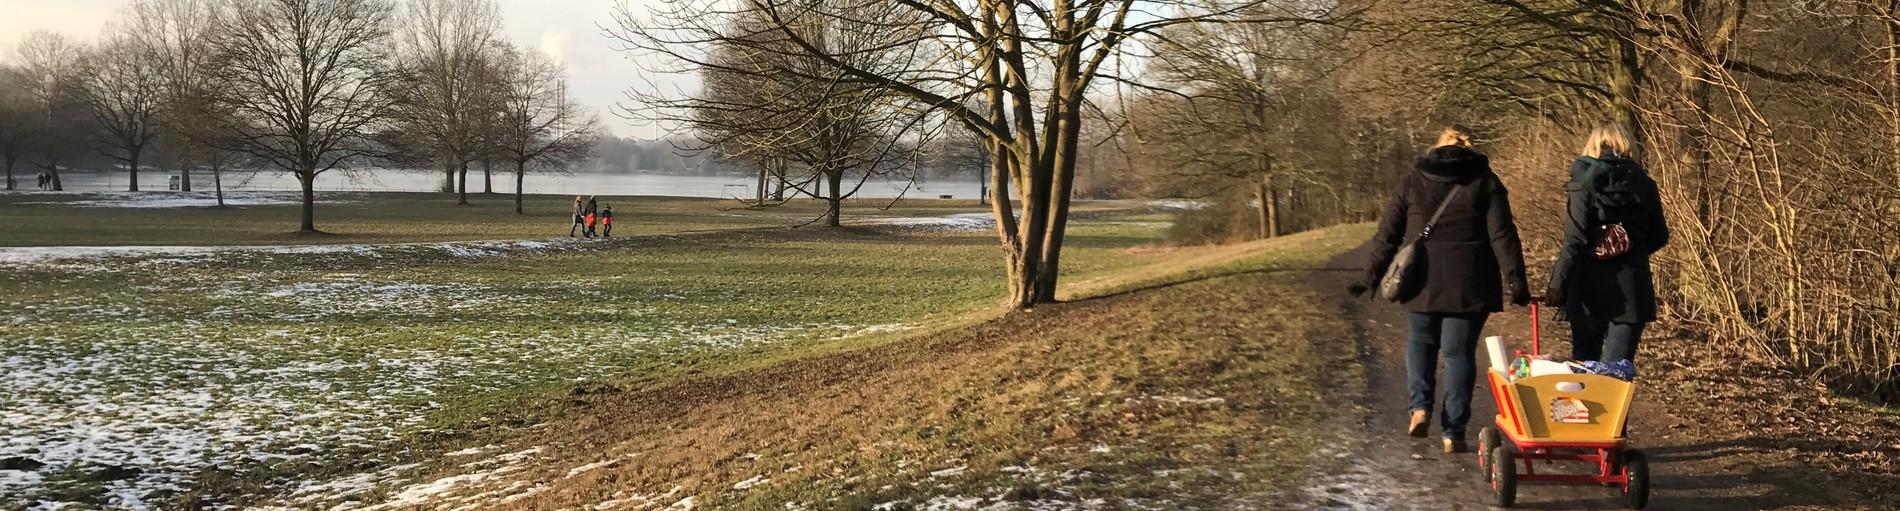 Zwei Frauen ziehen einen Bollerwagen durch eine winterliche Landschaft